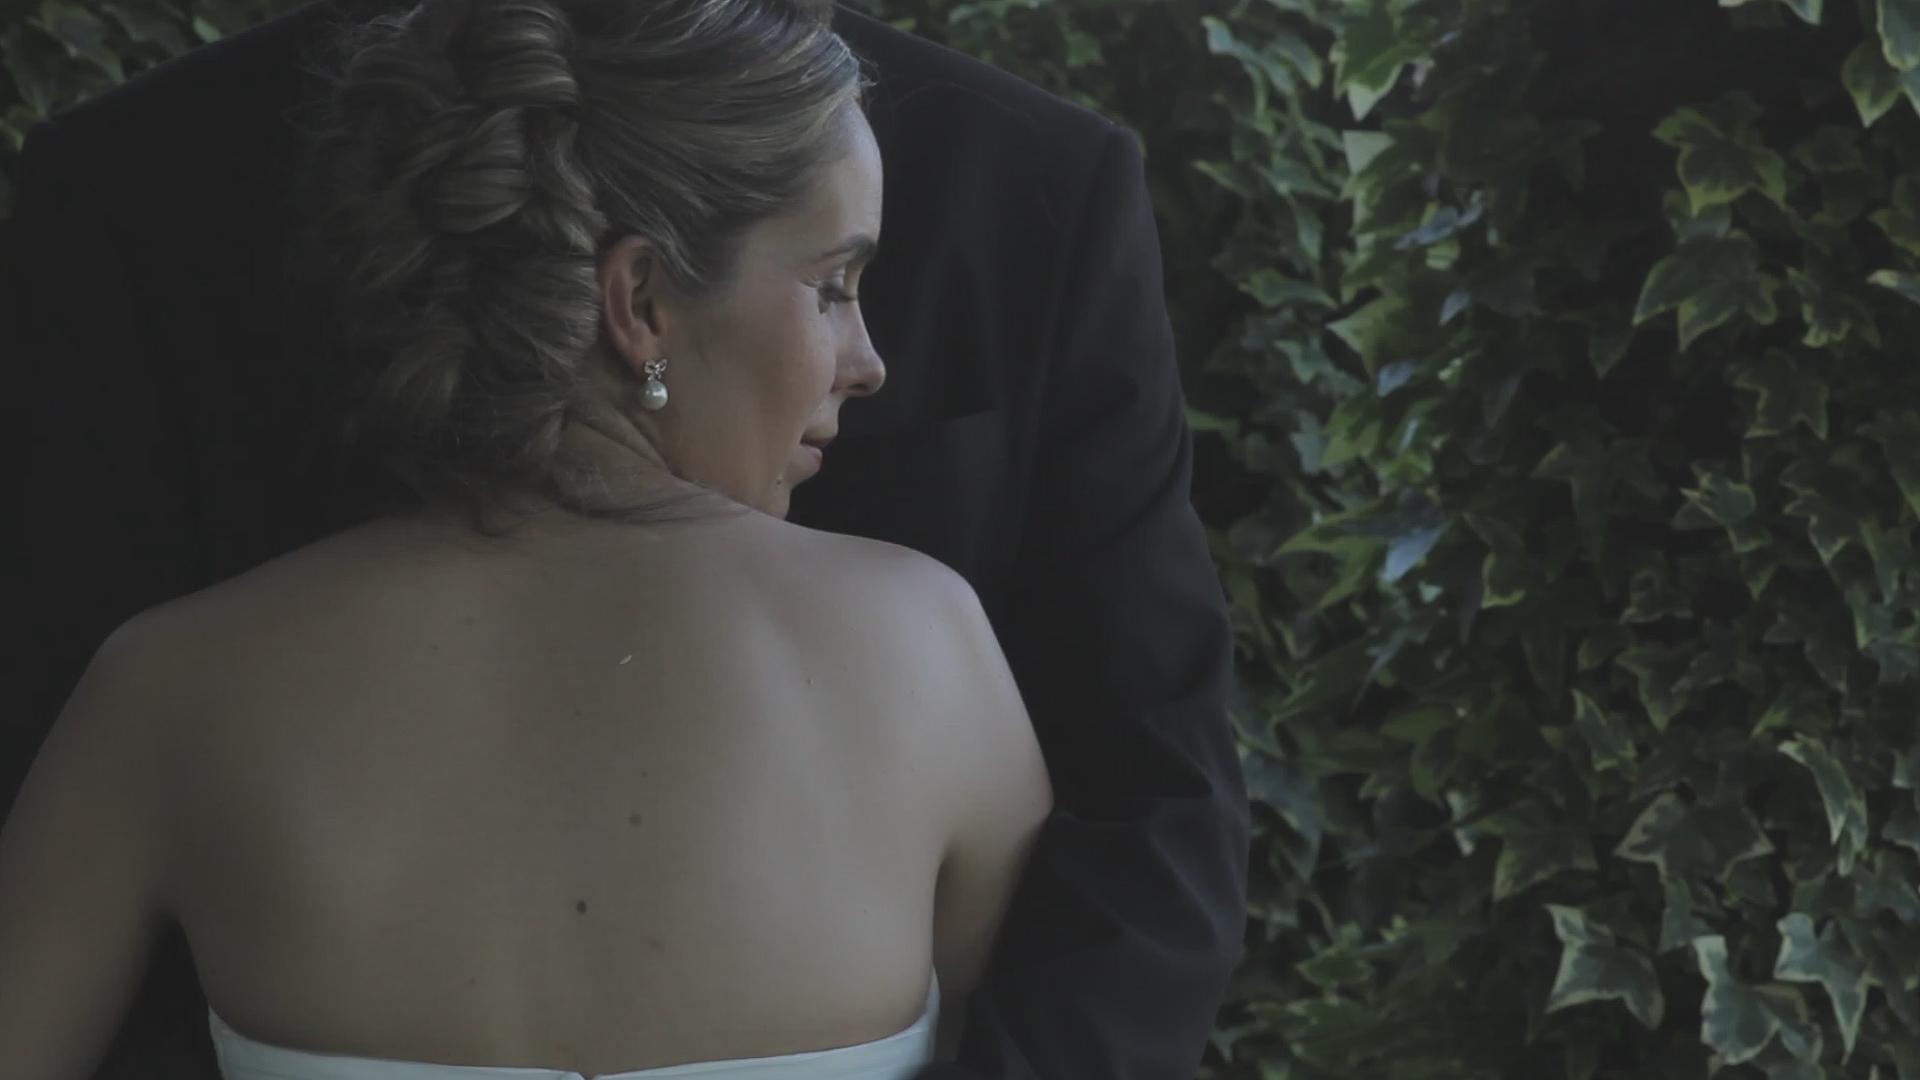 El vídeo de bodas es lo peor. Eso ya no es así